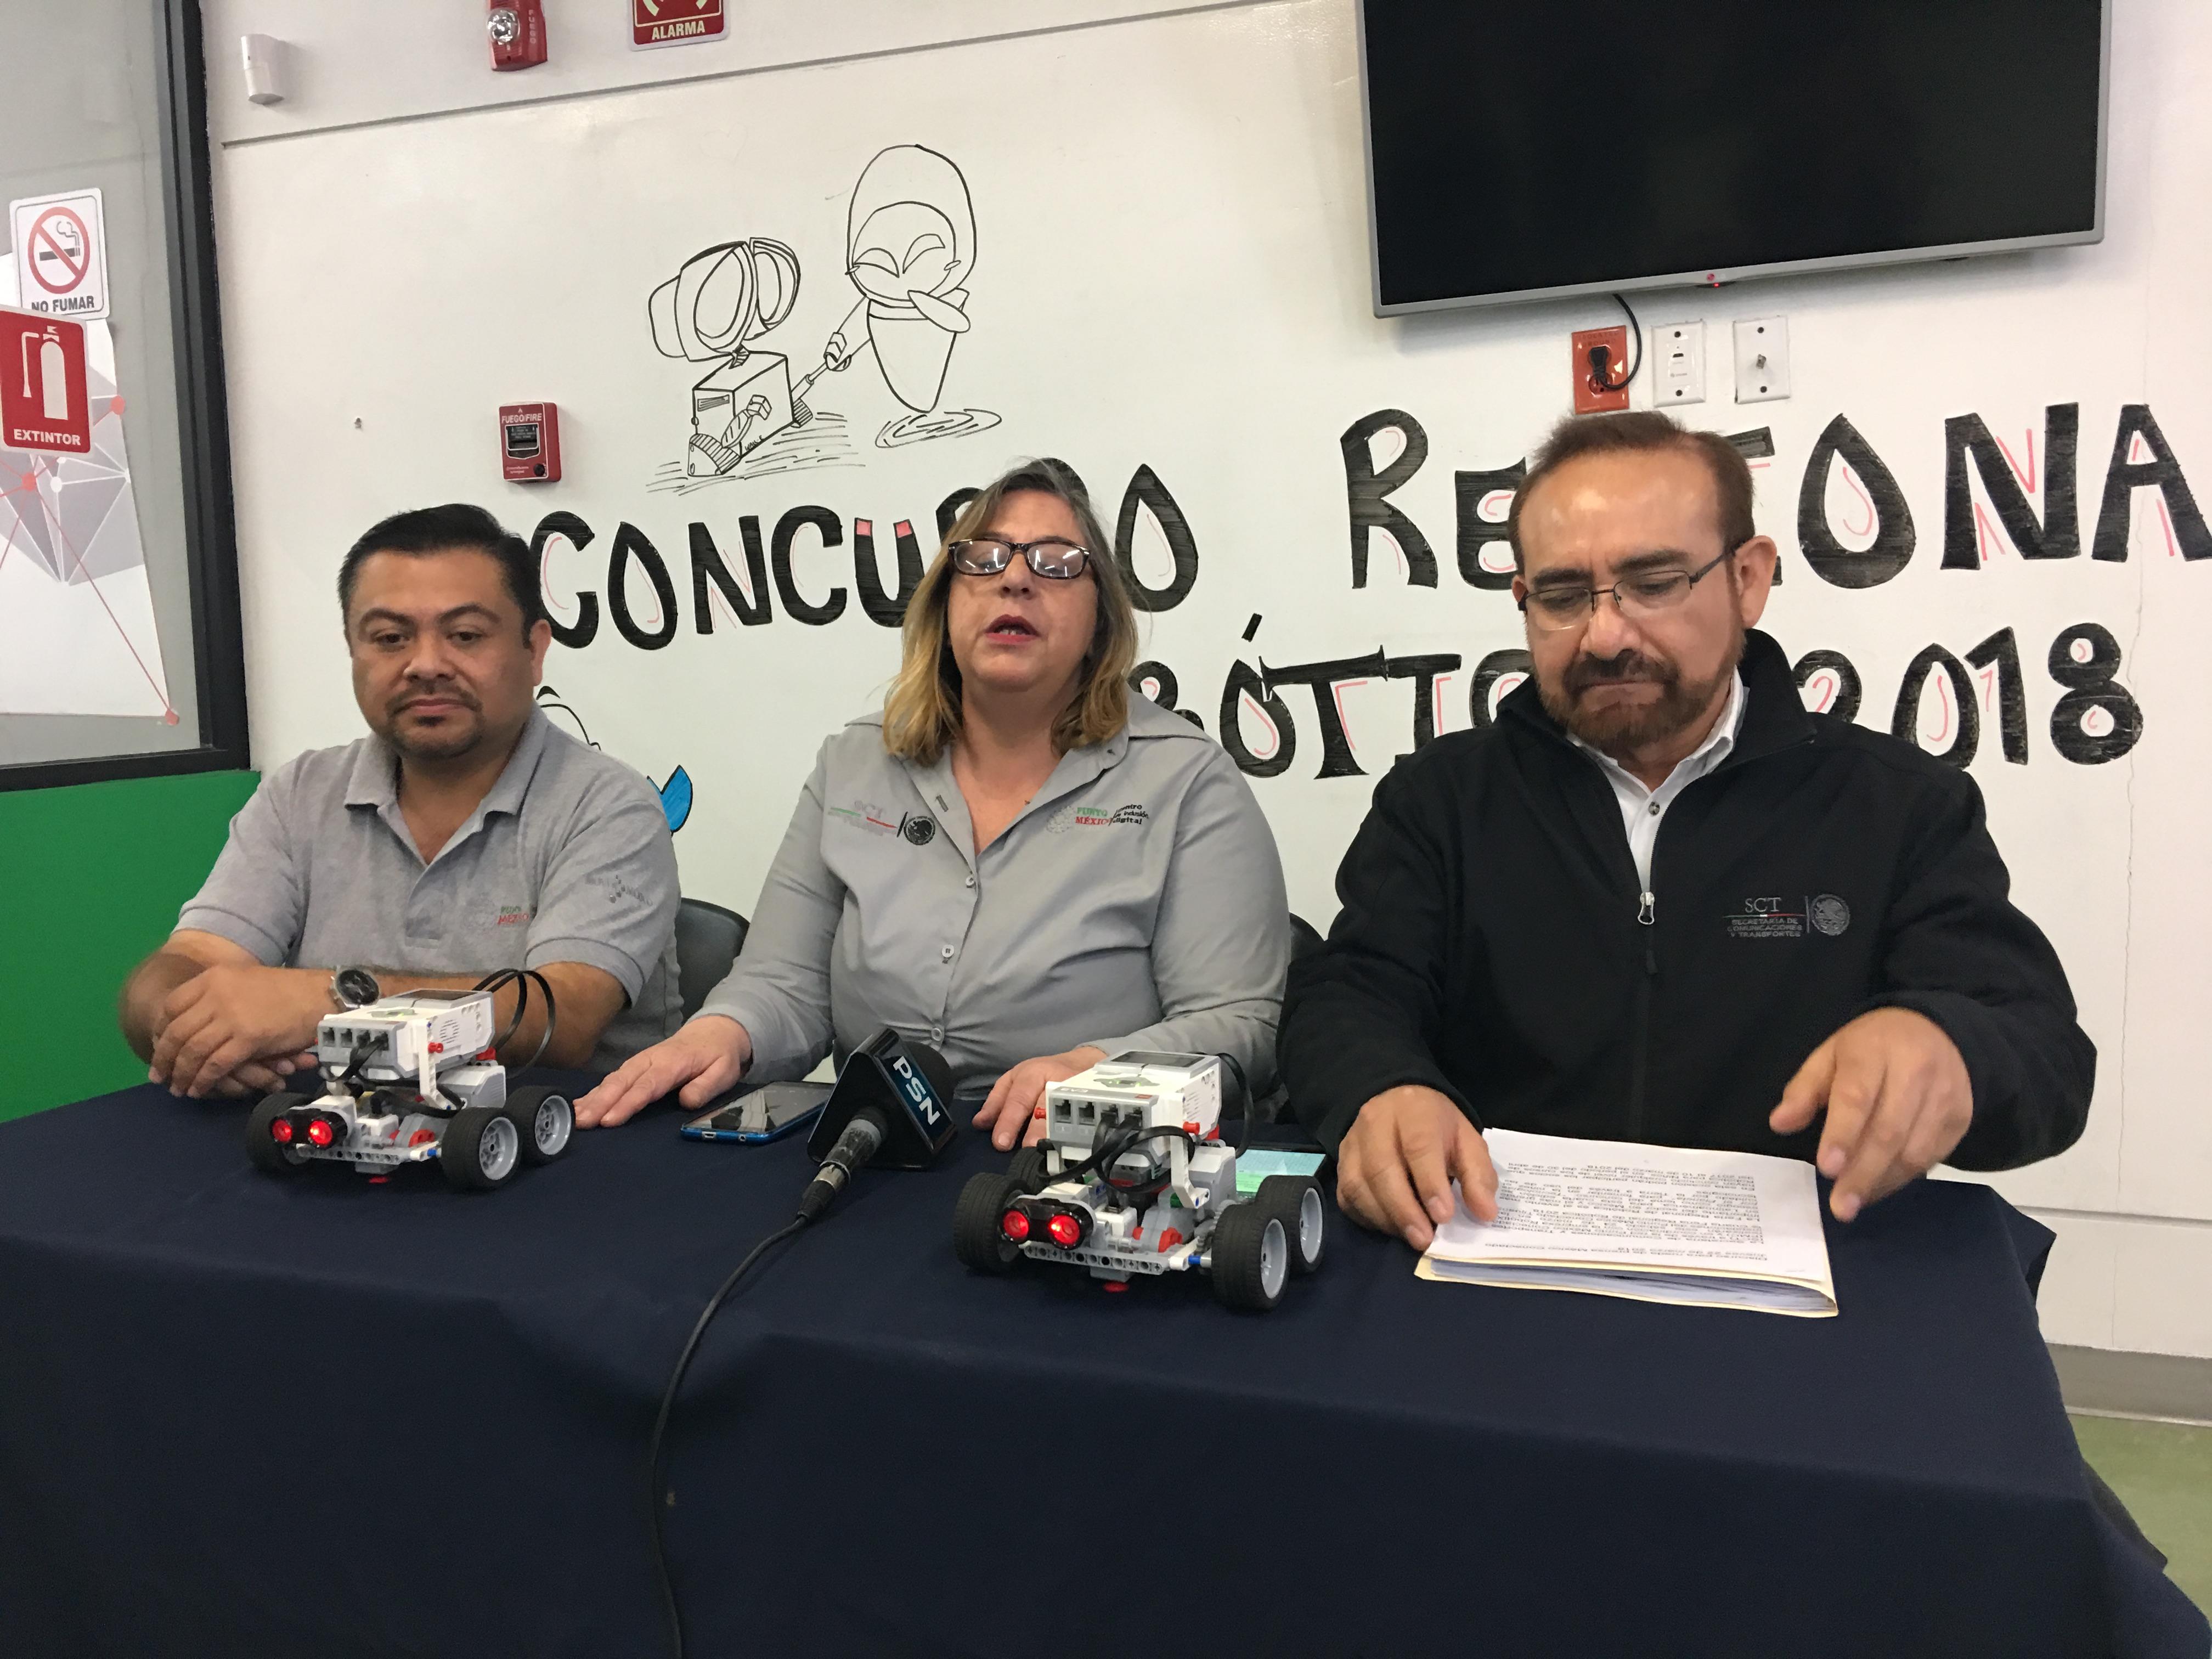 Realizarán Feria Regional de Robótica 2018 este sábado